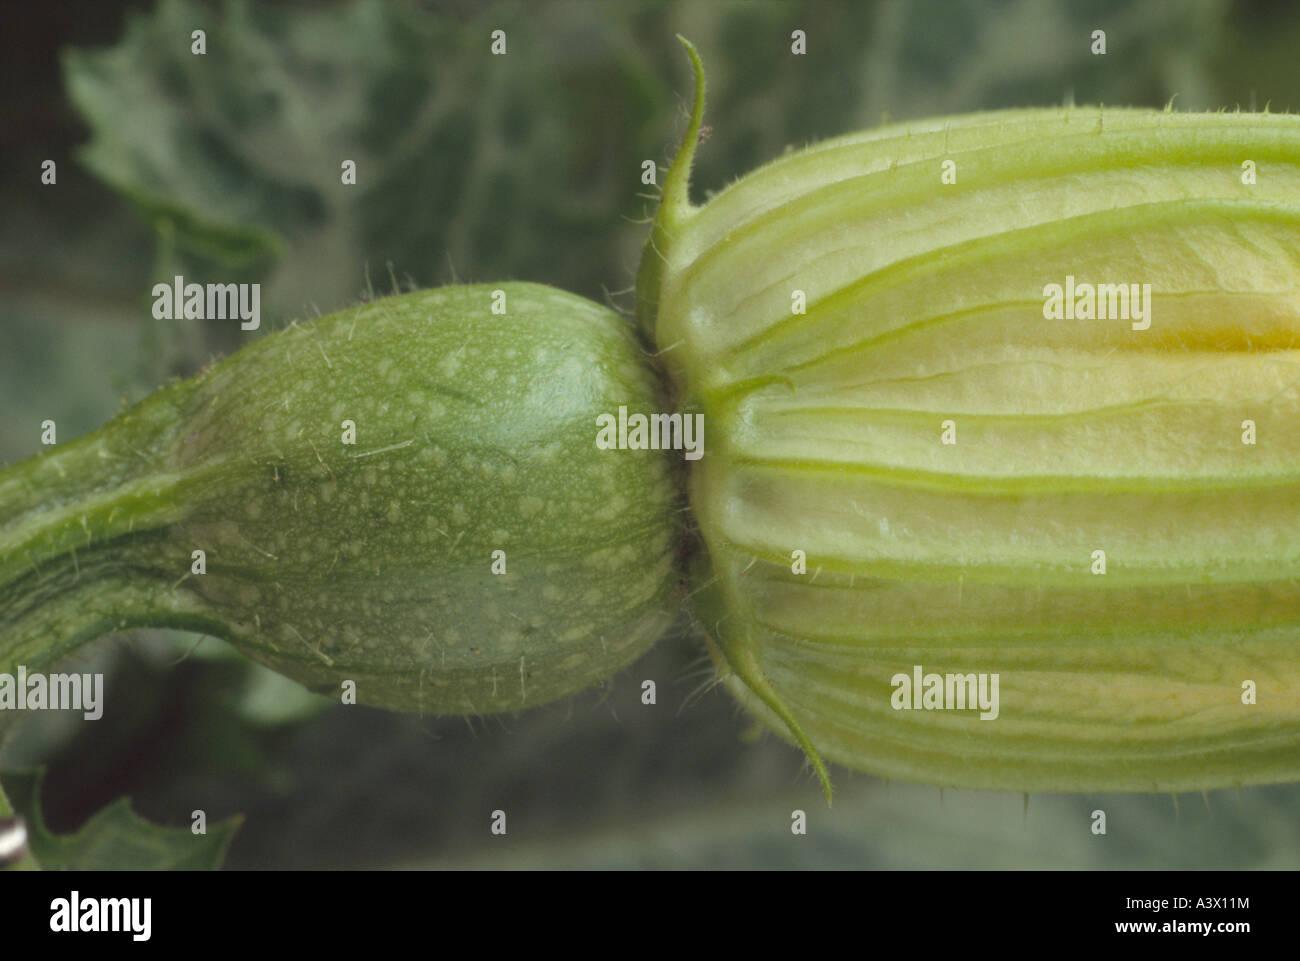 Cucurbita pepo 'De Nice un fruit rond' (courgette) Close up de courgette ronde qui se forment derrière Photo Stock